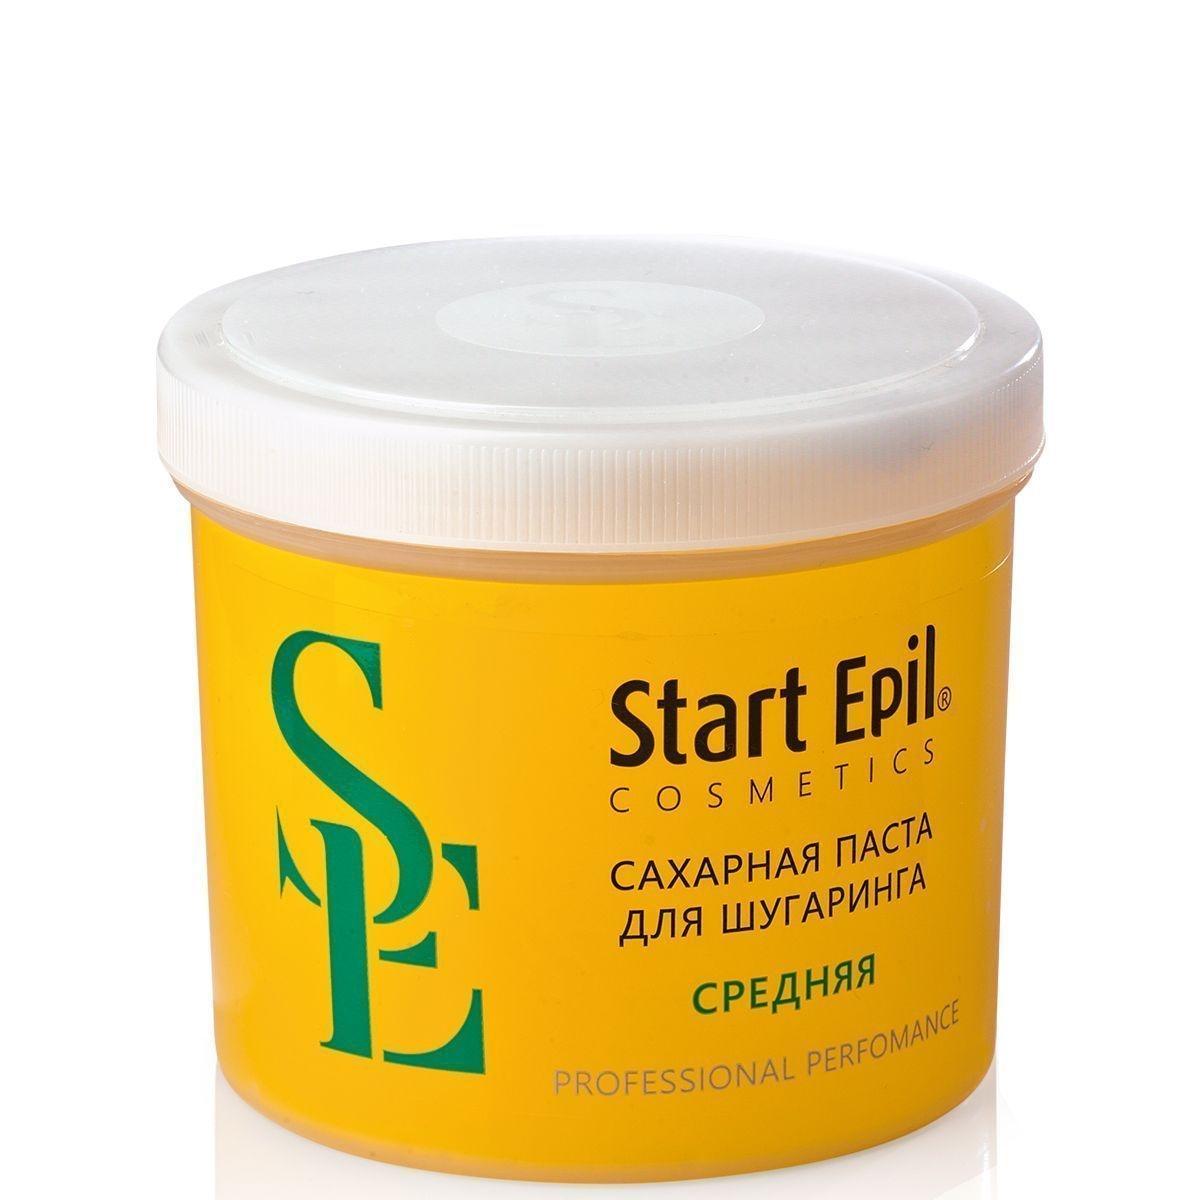 ARAVIA Start Epil Сахарная Паста для Депиляции Средняя, 750 гр